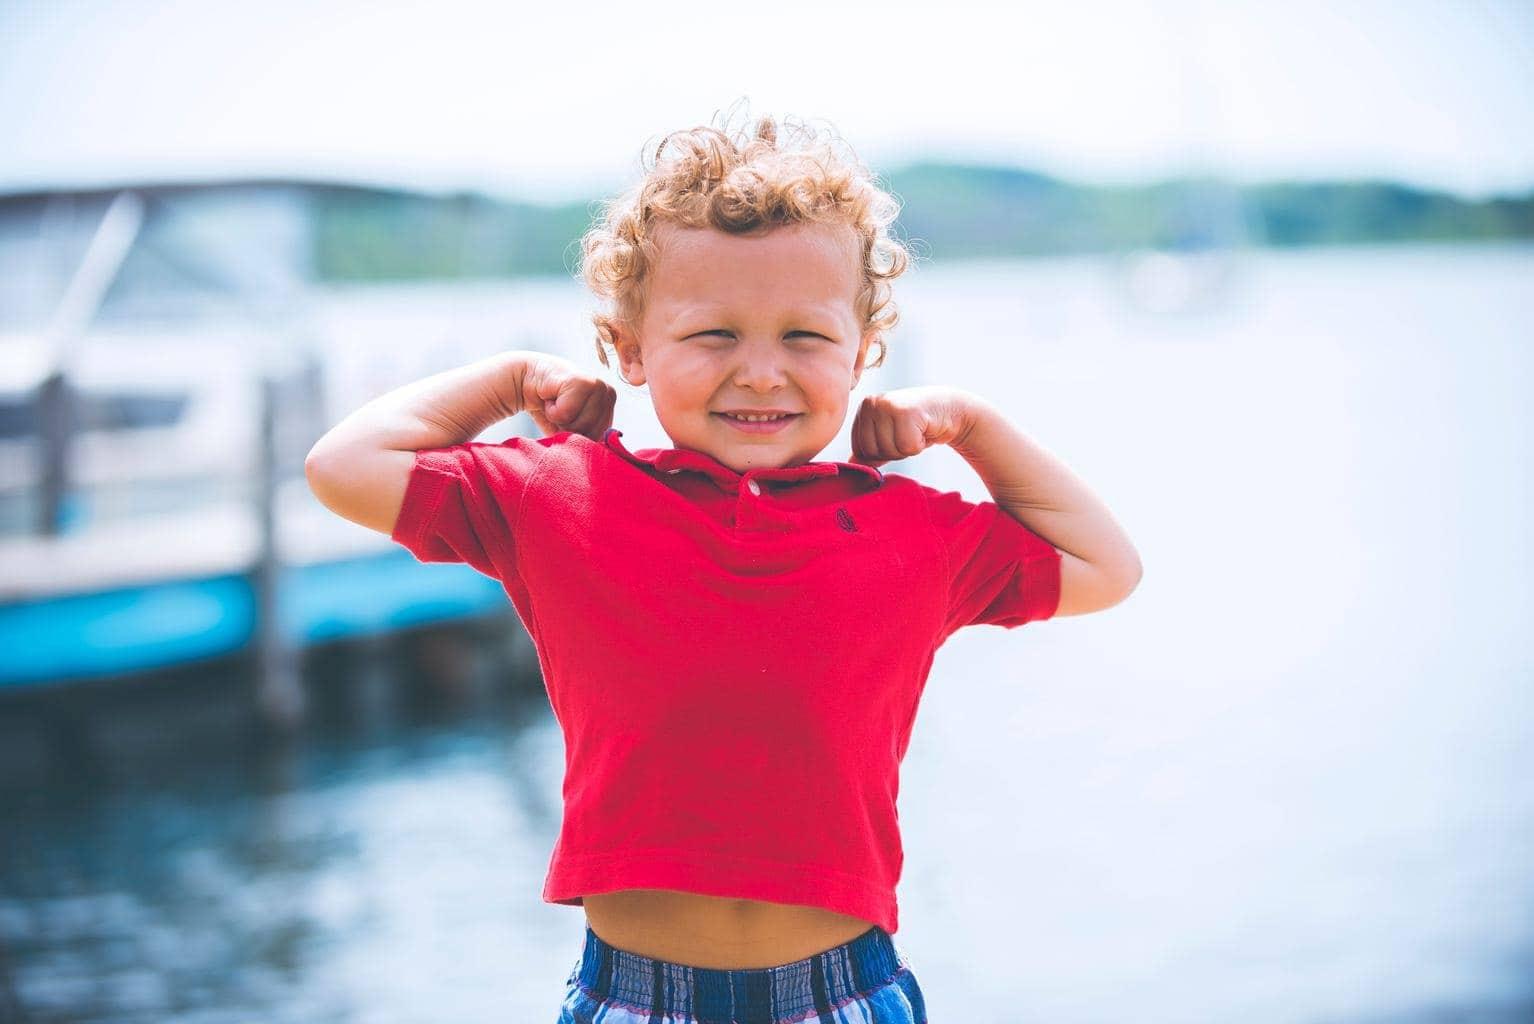 foto de niño con agua al fondo y camiseta roja